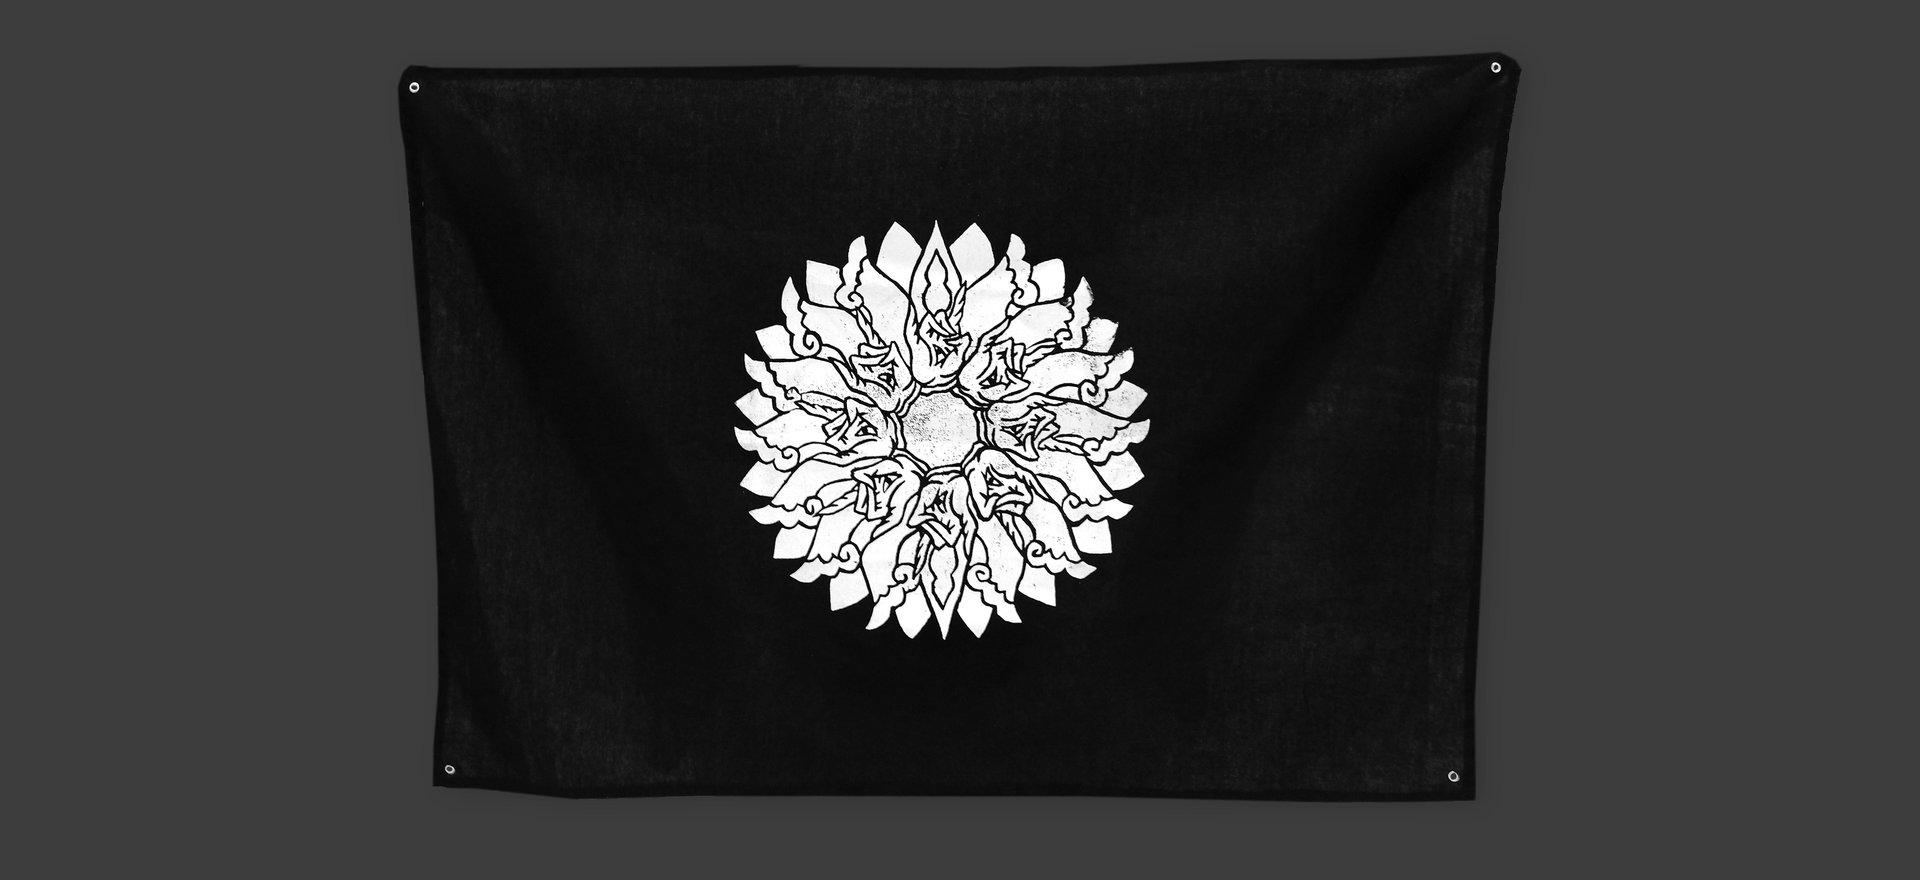 Flag3.jpg